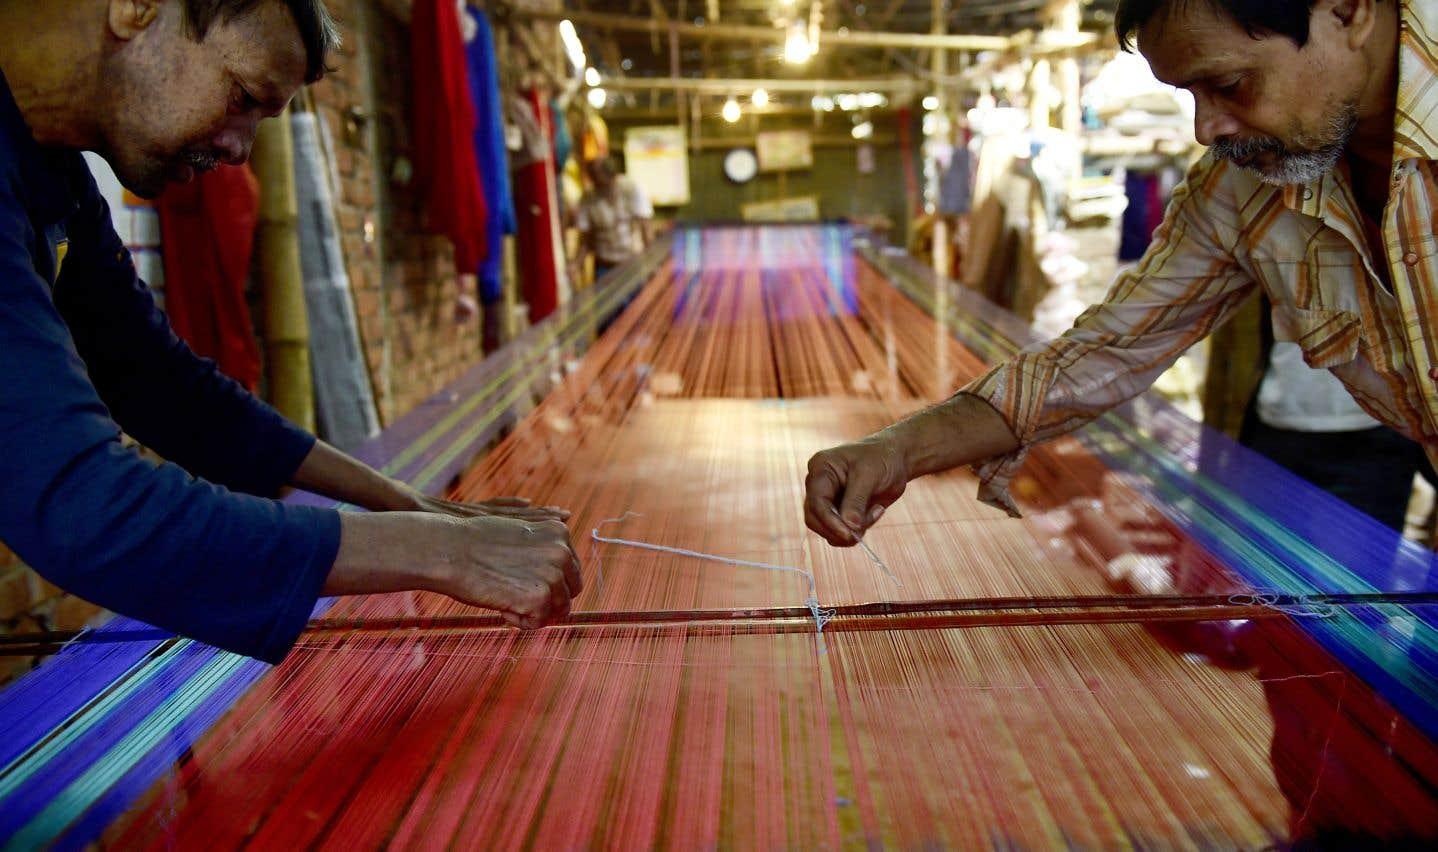 Des tisserands bangladais travaillent à l'intérieur d'une usine de tissage à la main à Dacca.